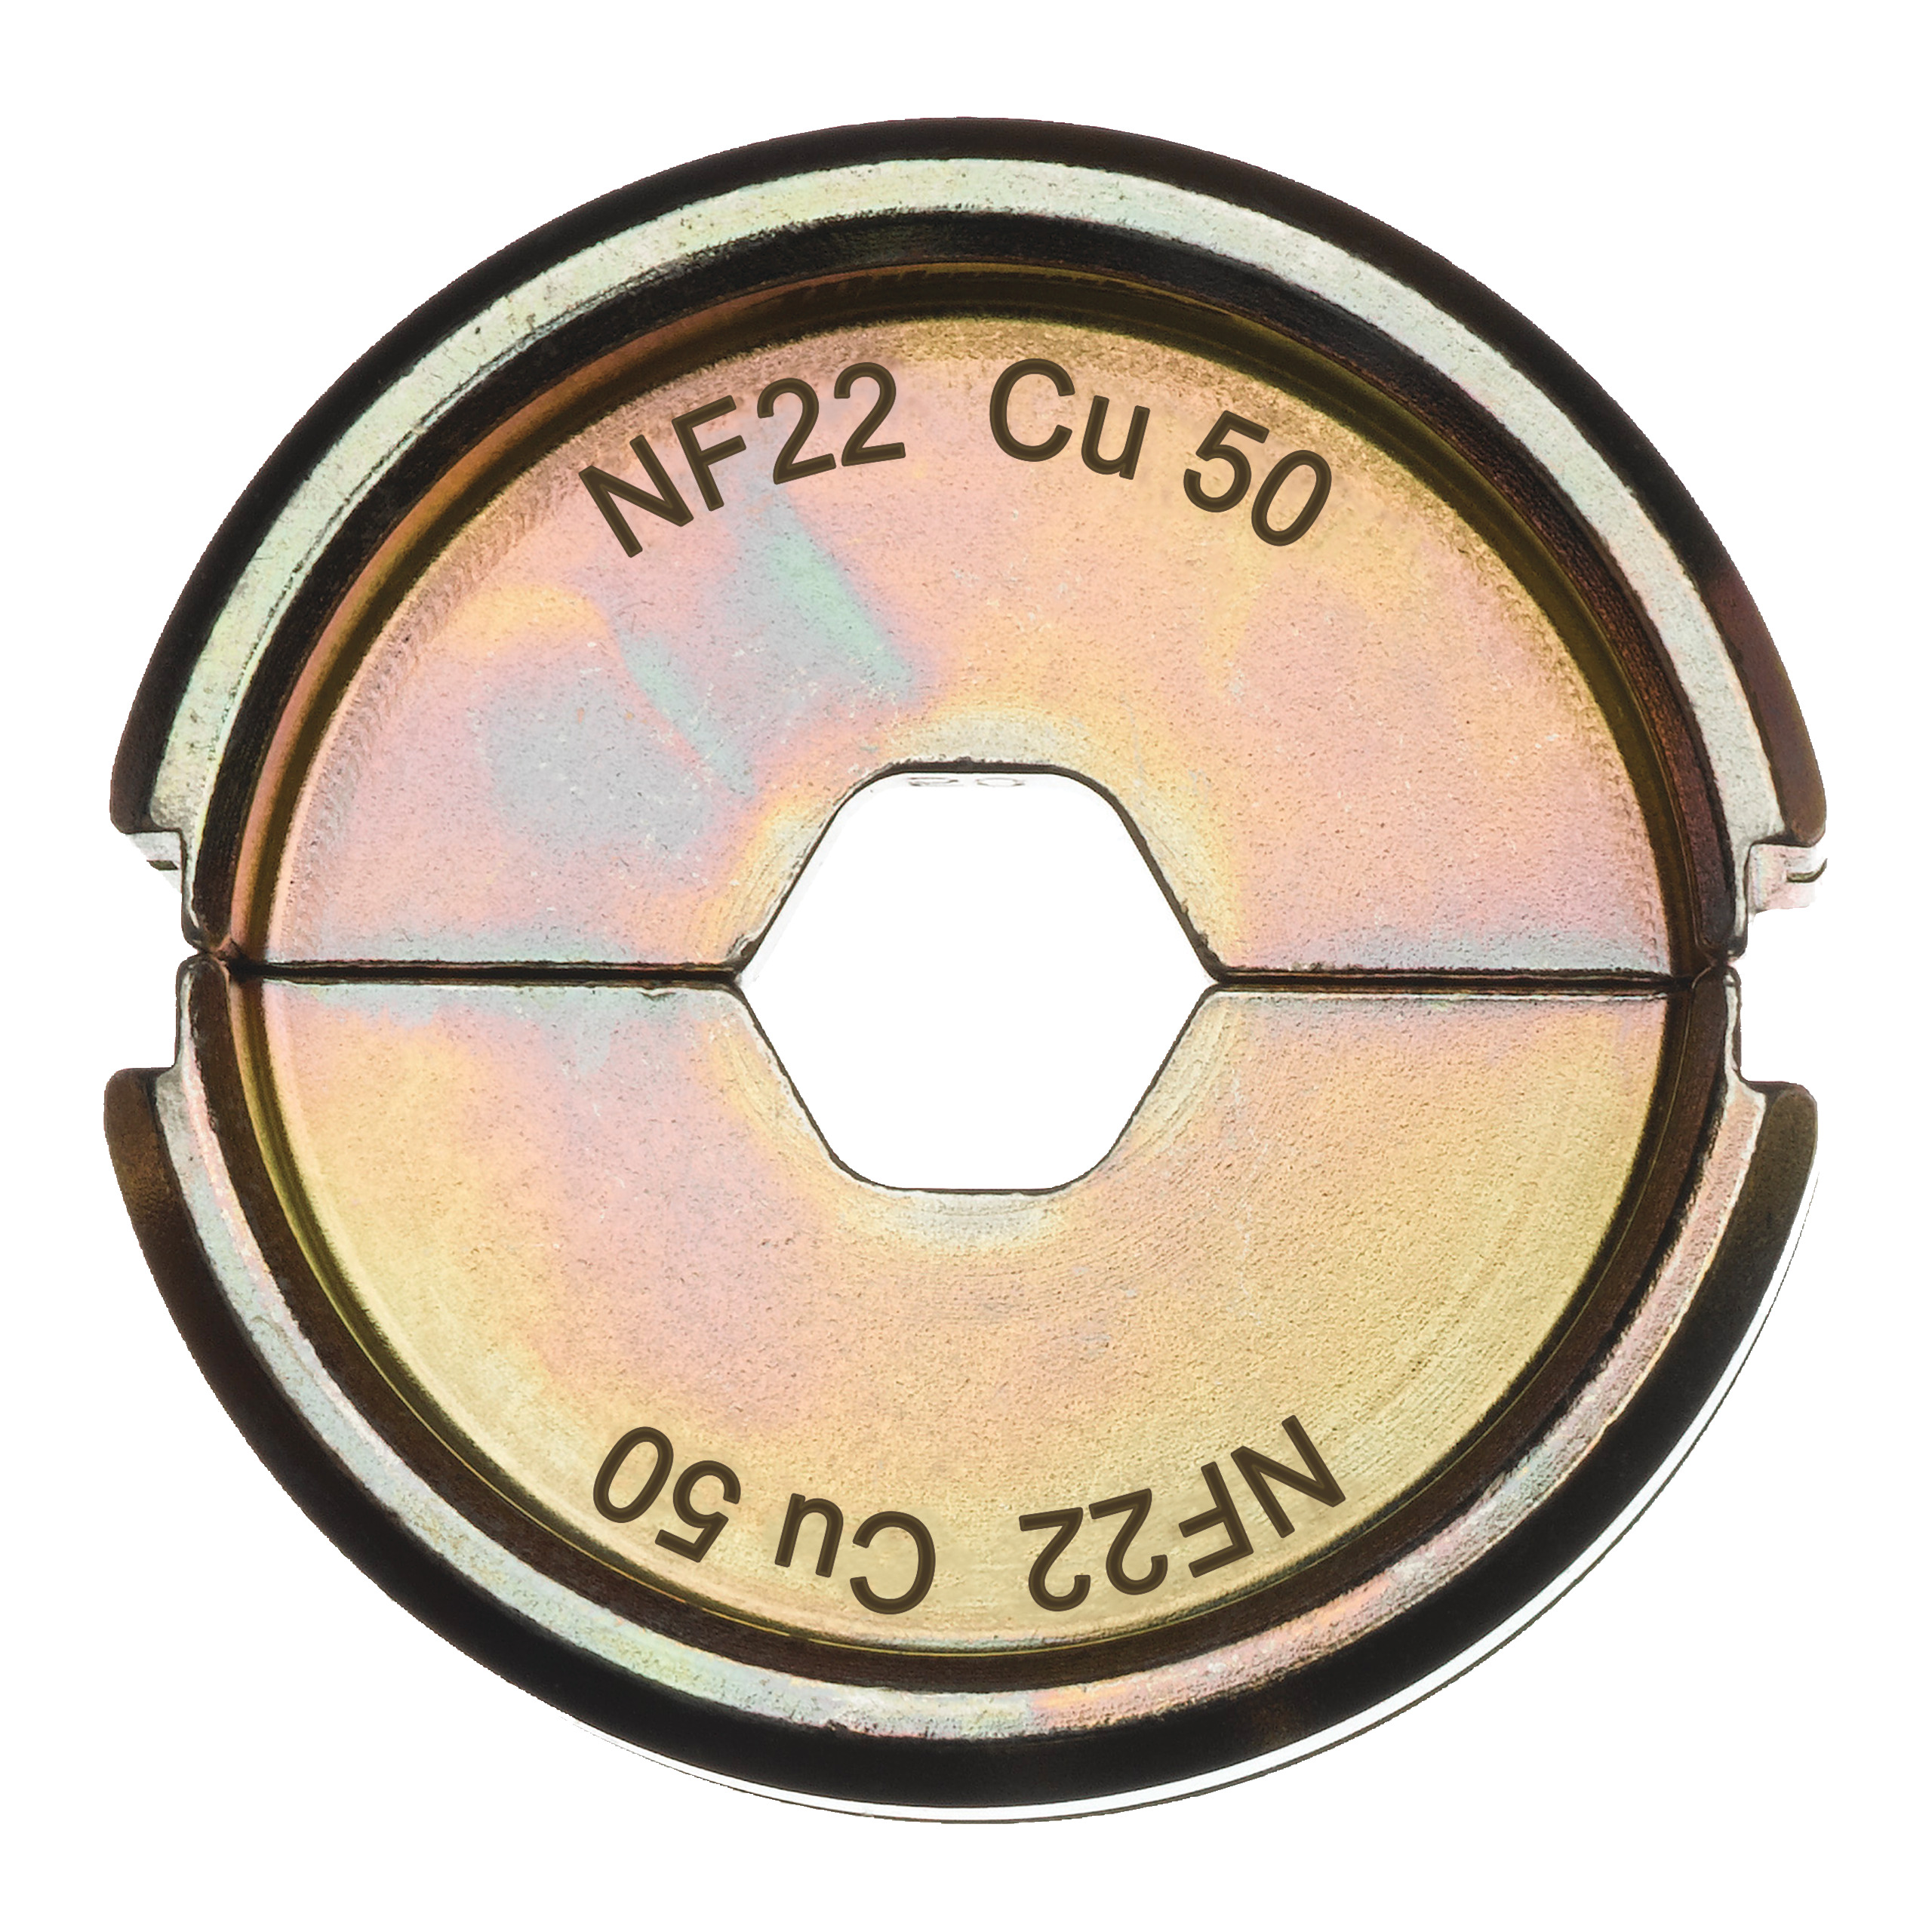 Krimpovací čelisti  NF22 Cu 50